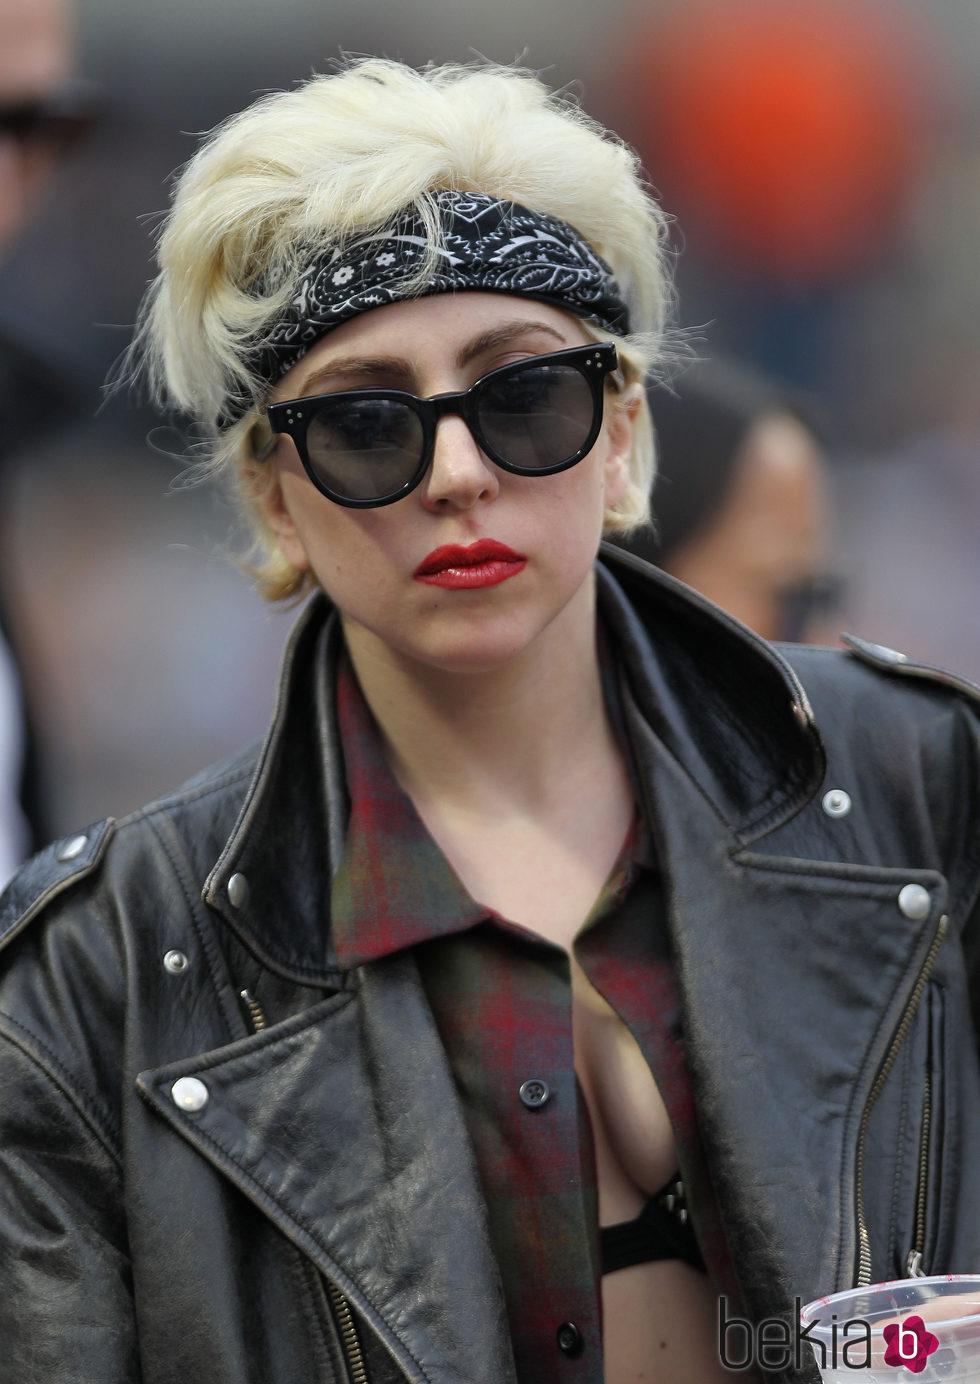 Lady Gaga con look masculino pañuelo y gafas